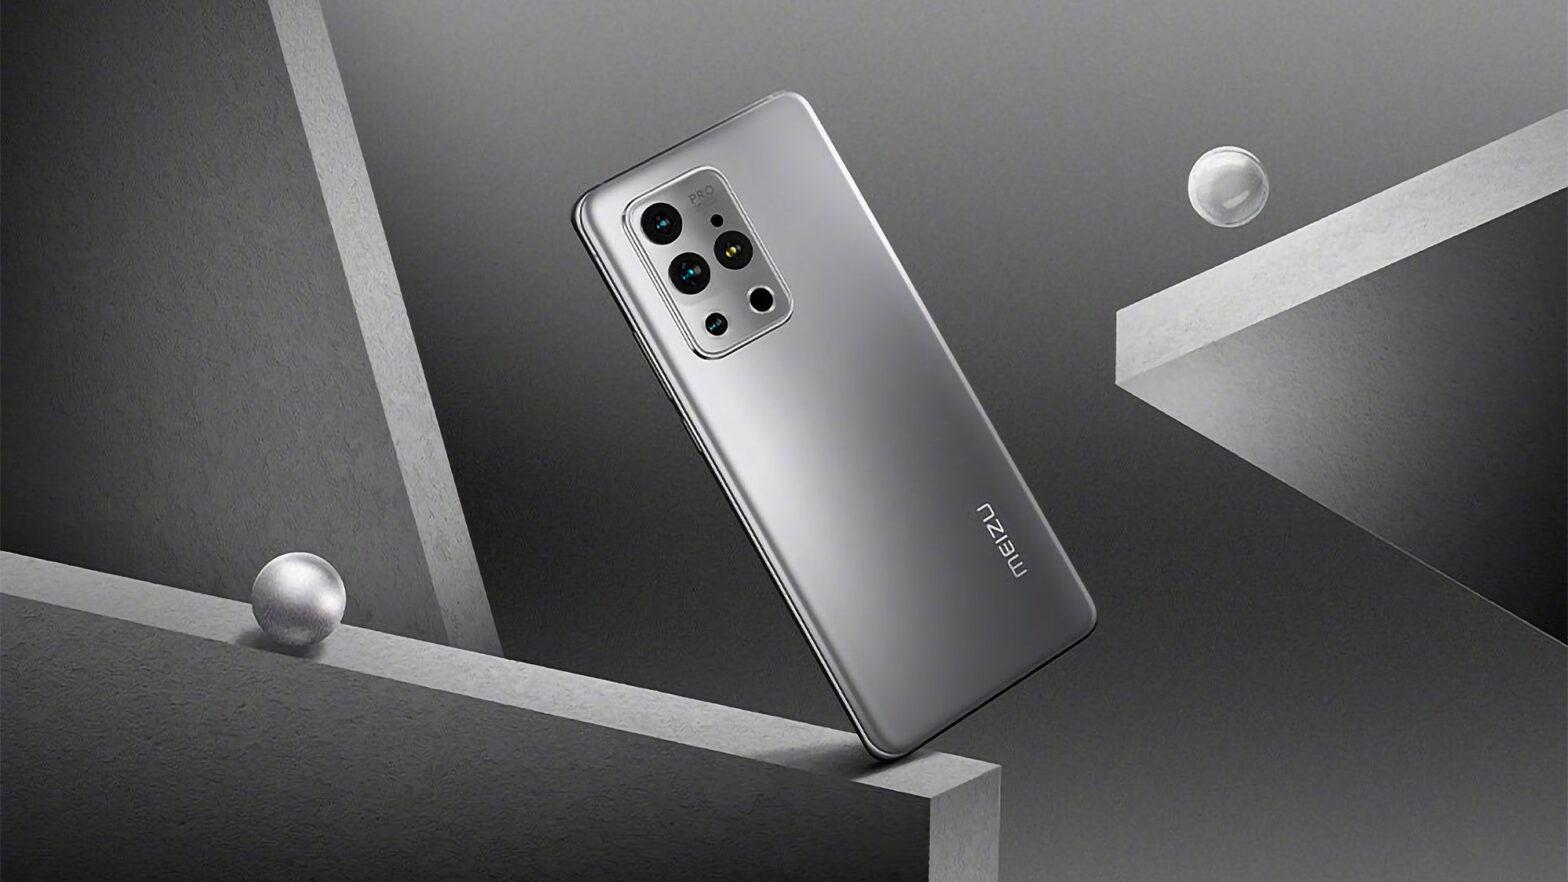 Meizu 18 Series Smartphones